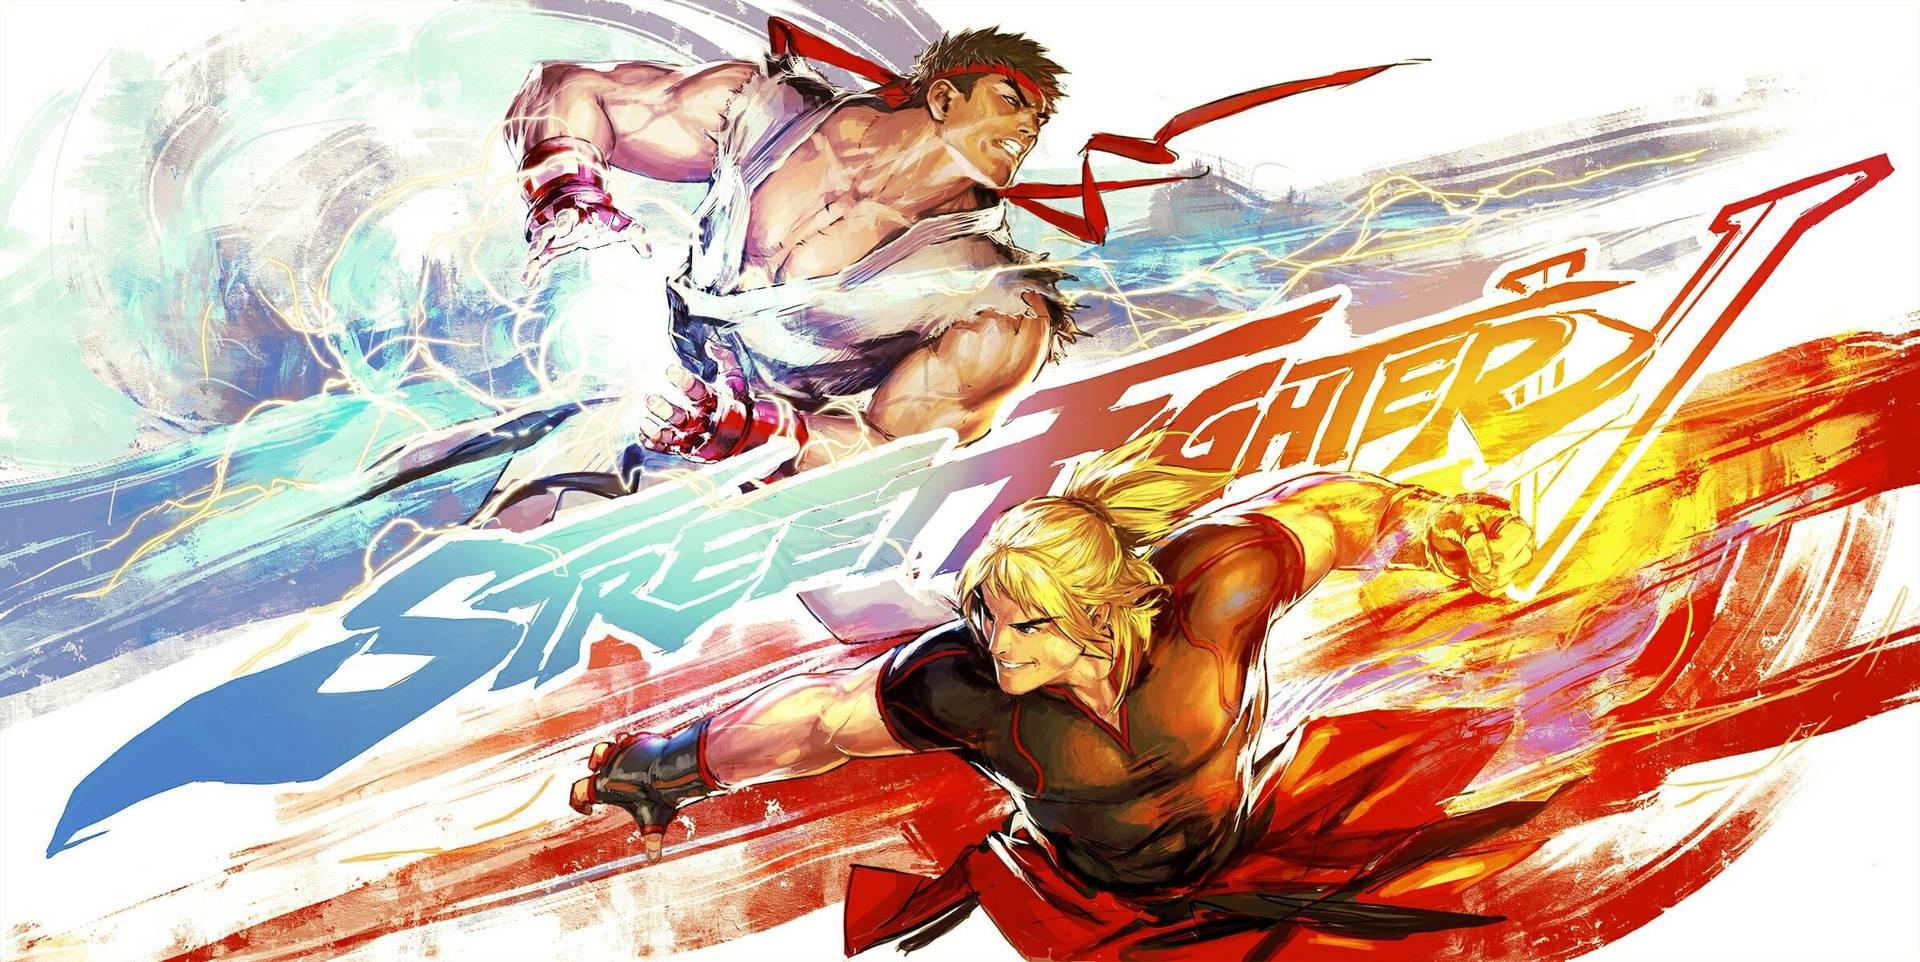 Как DLC могут увеличить количество игроков: пример Street Fighter V - 1